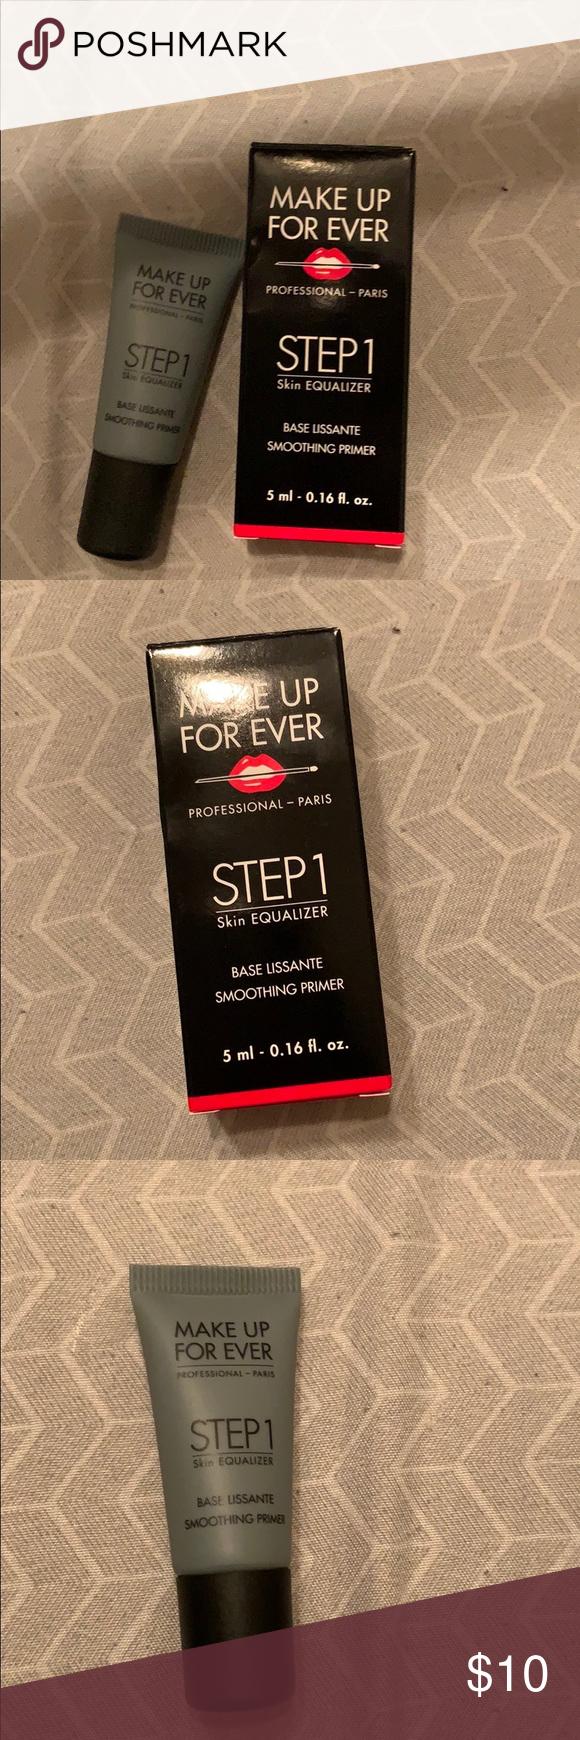 Make up forever step one skin equalizer Smoothing primer